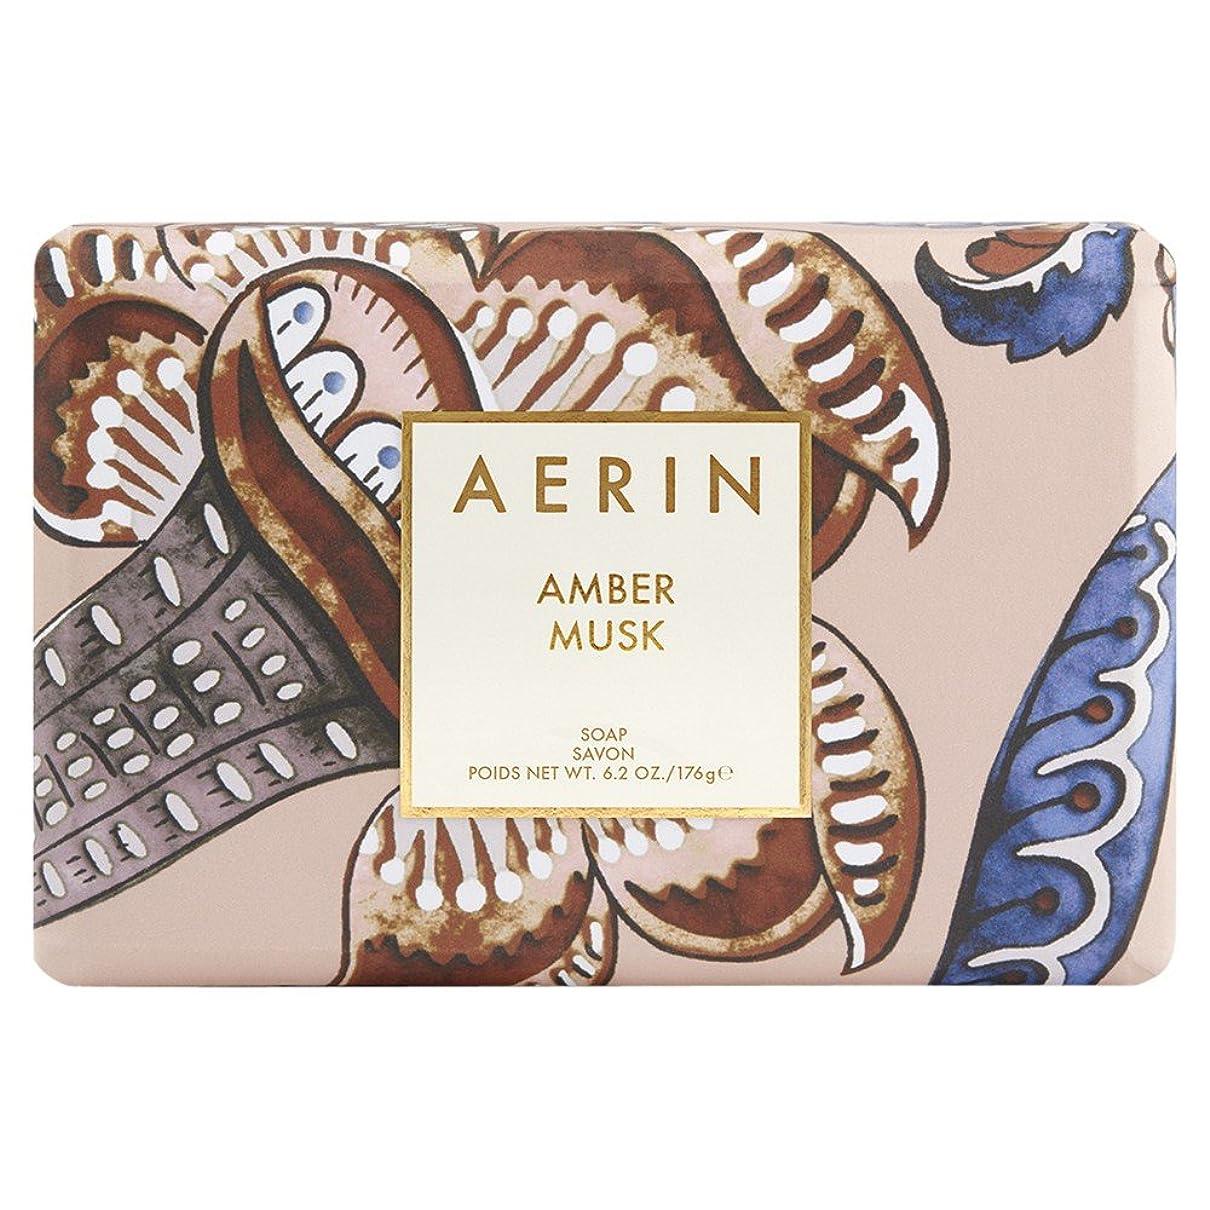 凍った標高ハミングバードAerinアンバームスクソープ176グラム (AERIN) (x6) - AERIN Amber Musk Soap 176g (Pack of 6) [並行輸入品]